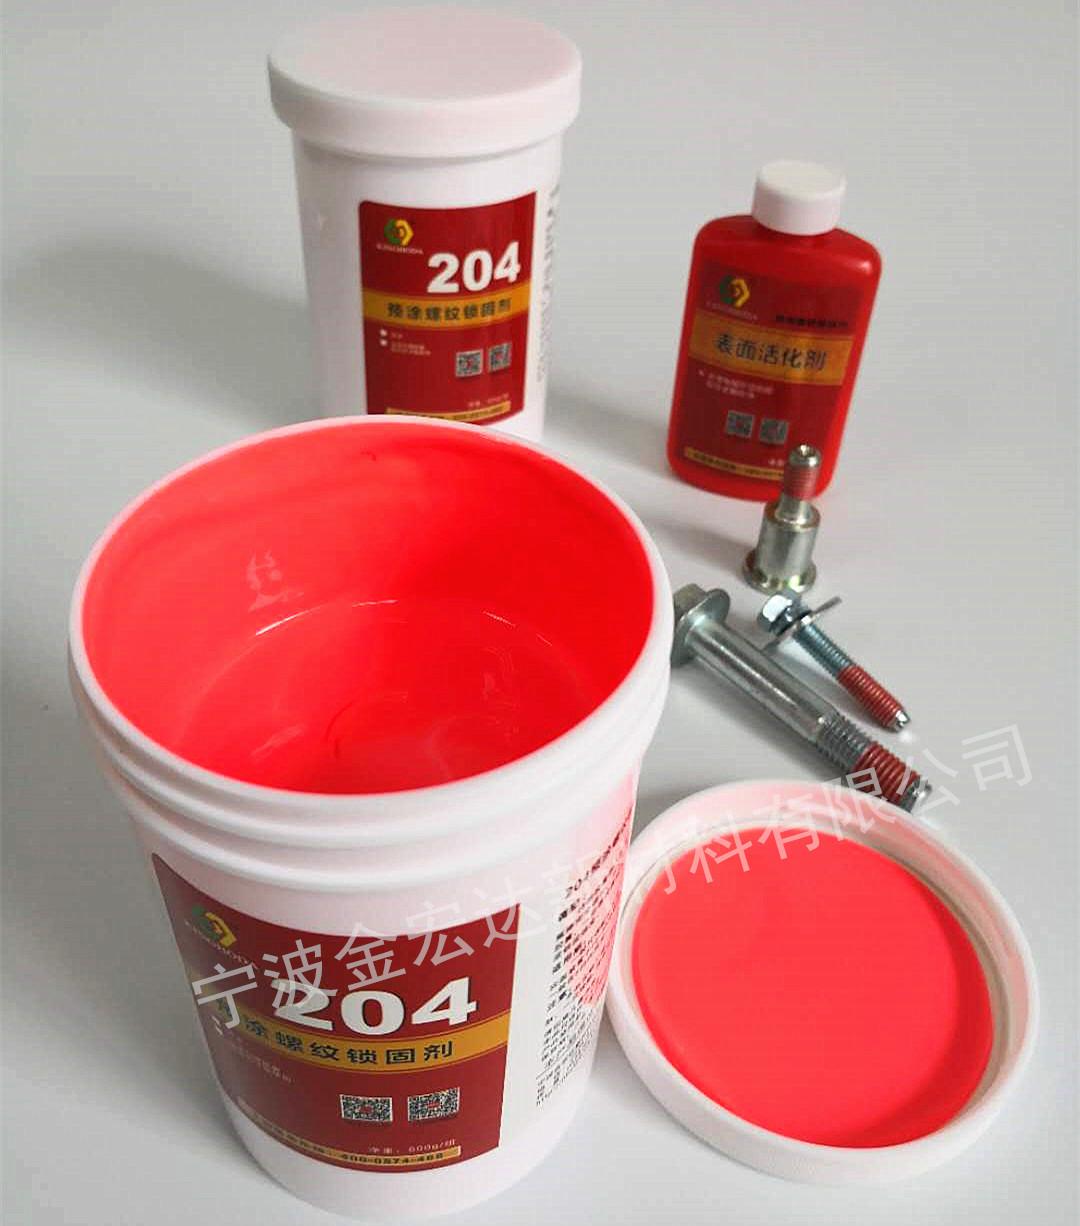 金宏达204螺纹锁固剂 预涂胶螺丝防松胶 双组份高强度 微胶囊500g